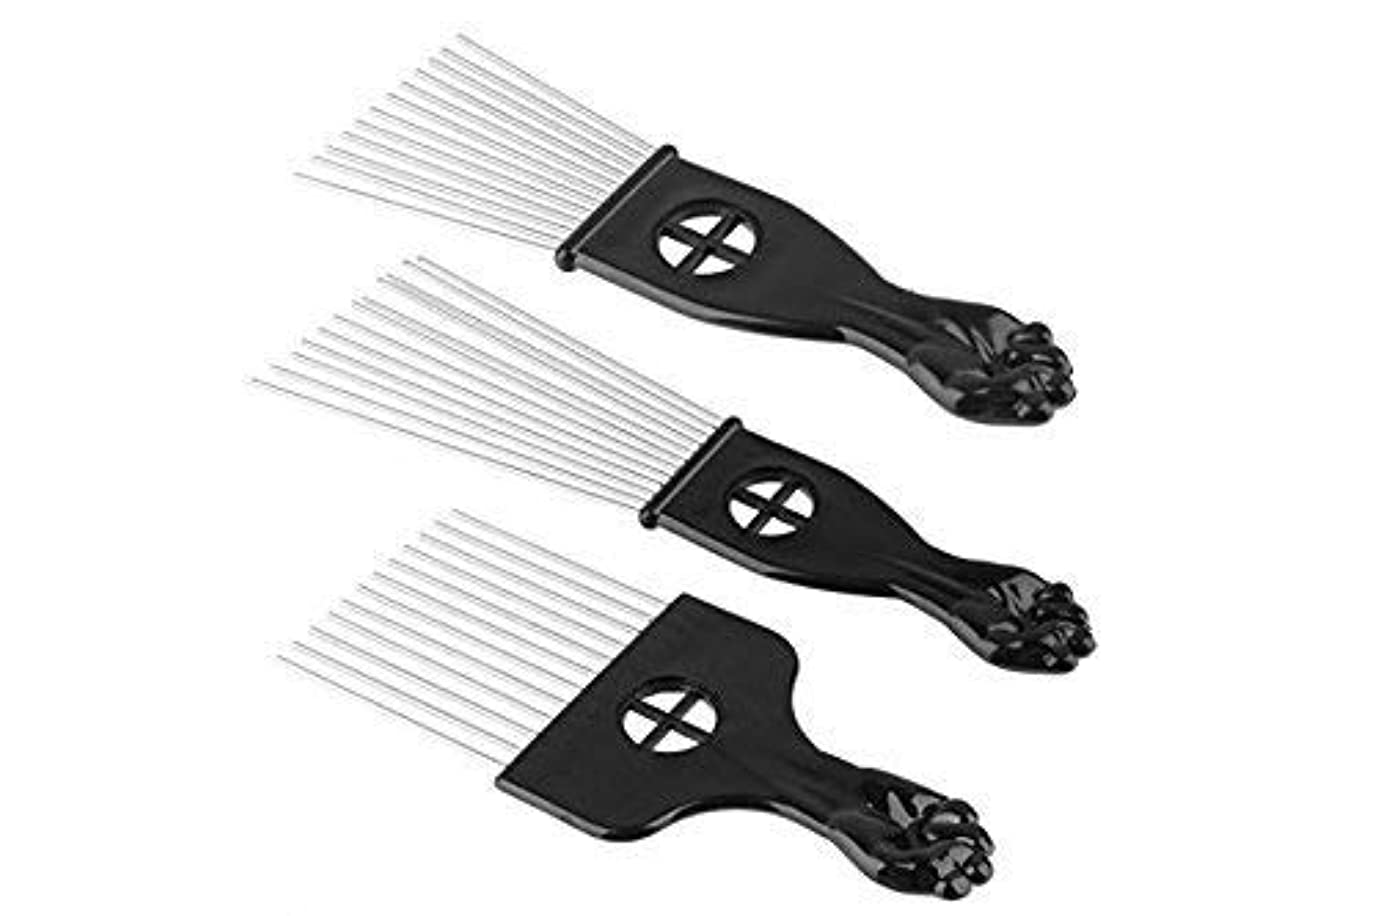 かすれたくぼみスカーフ3Pc Metal Hair Styling Pik Afro Pick Comb For Volume & Tangles Black Fan Fist Hand Model [並行輸入品]